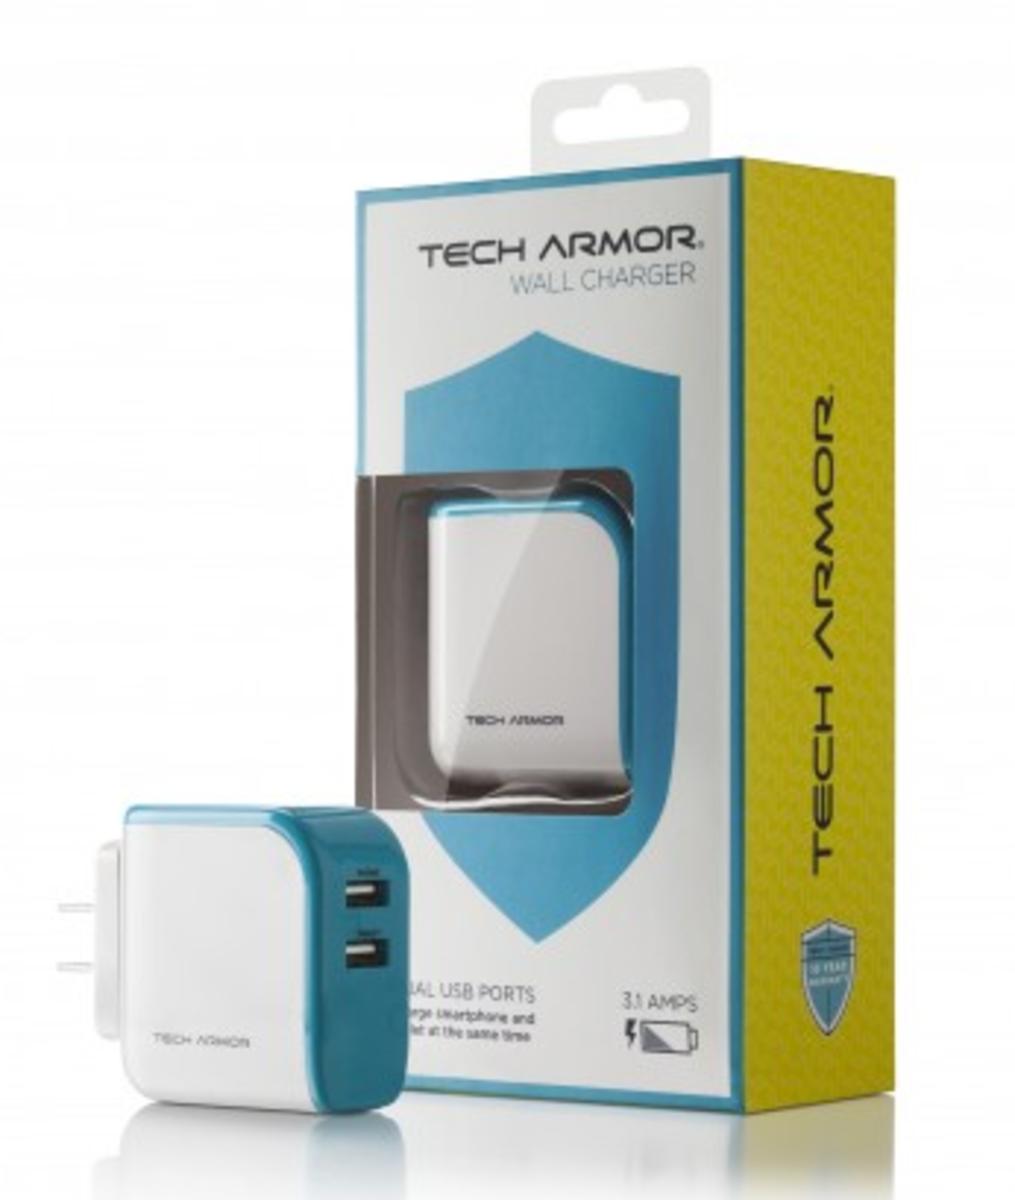 TechArmor